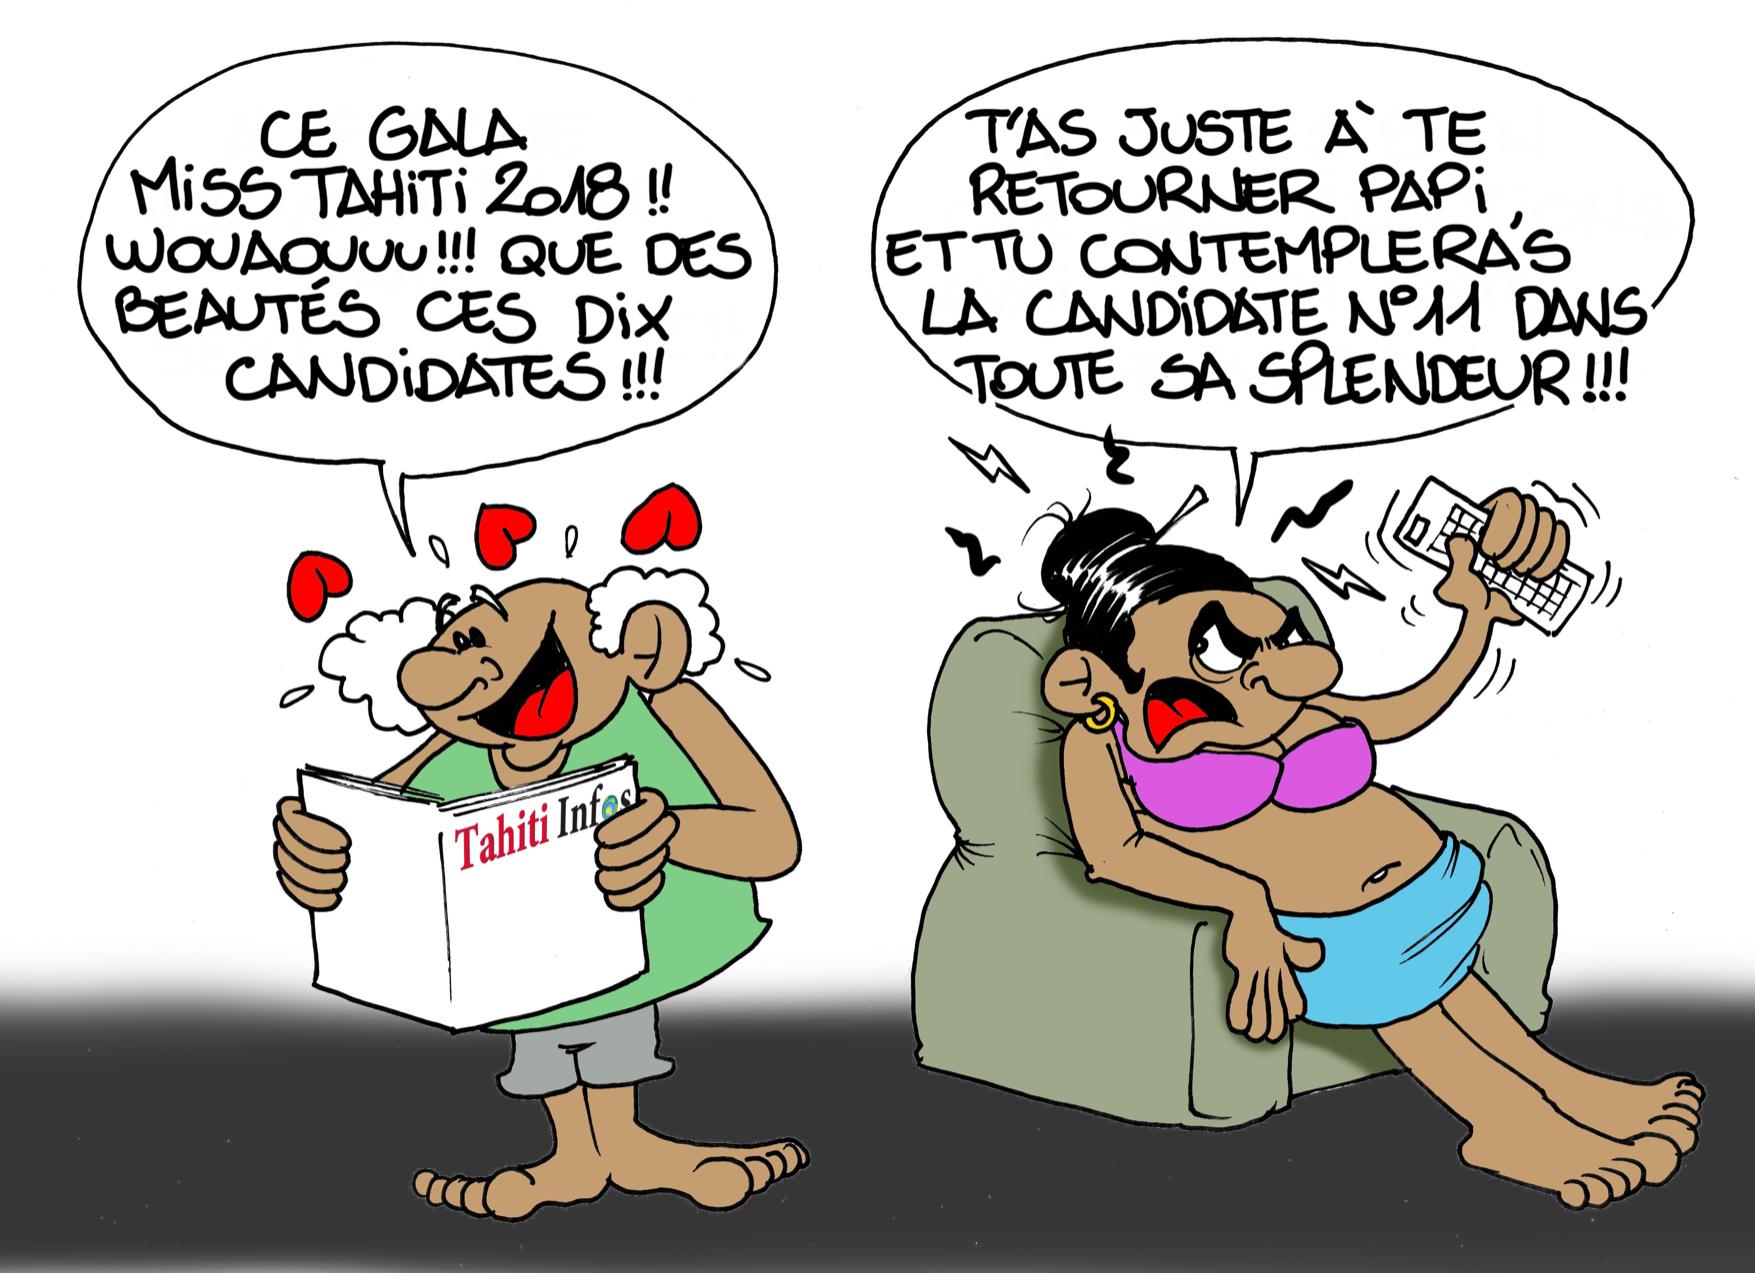 Le Gala de Miss Tahiti par Munoz